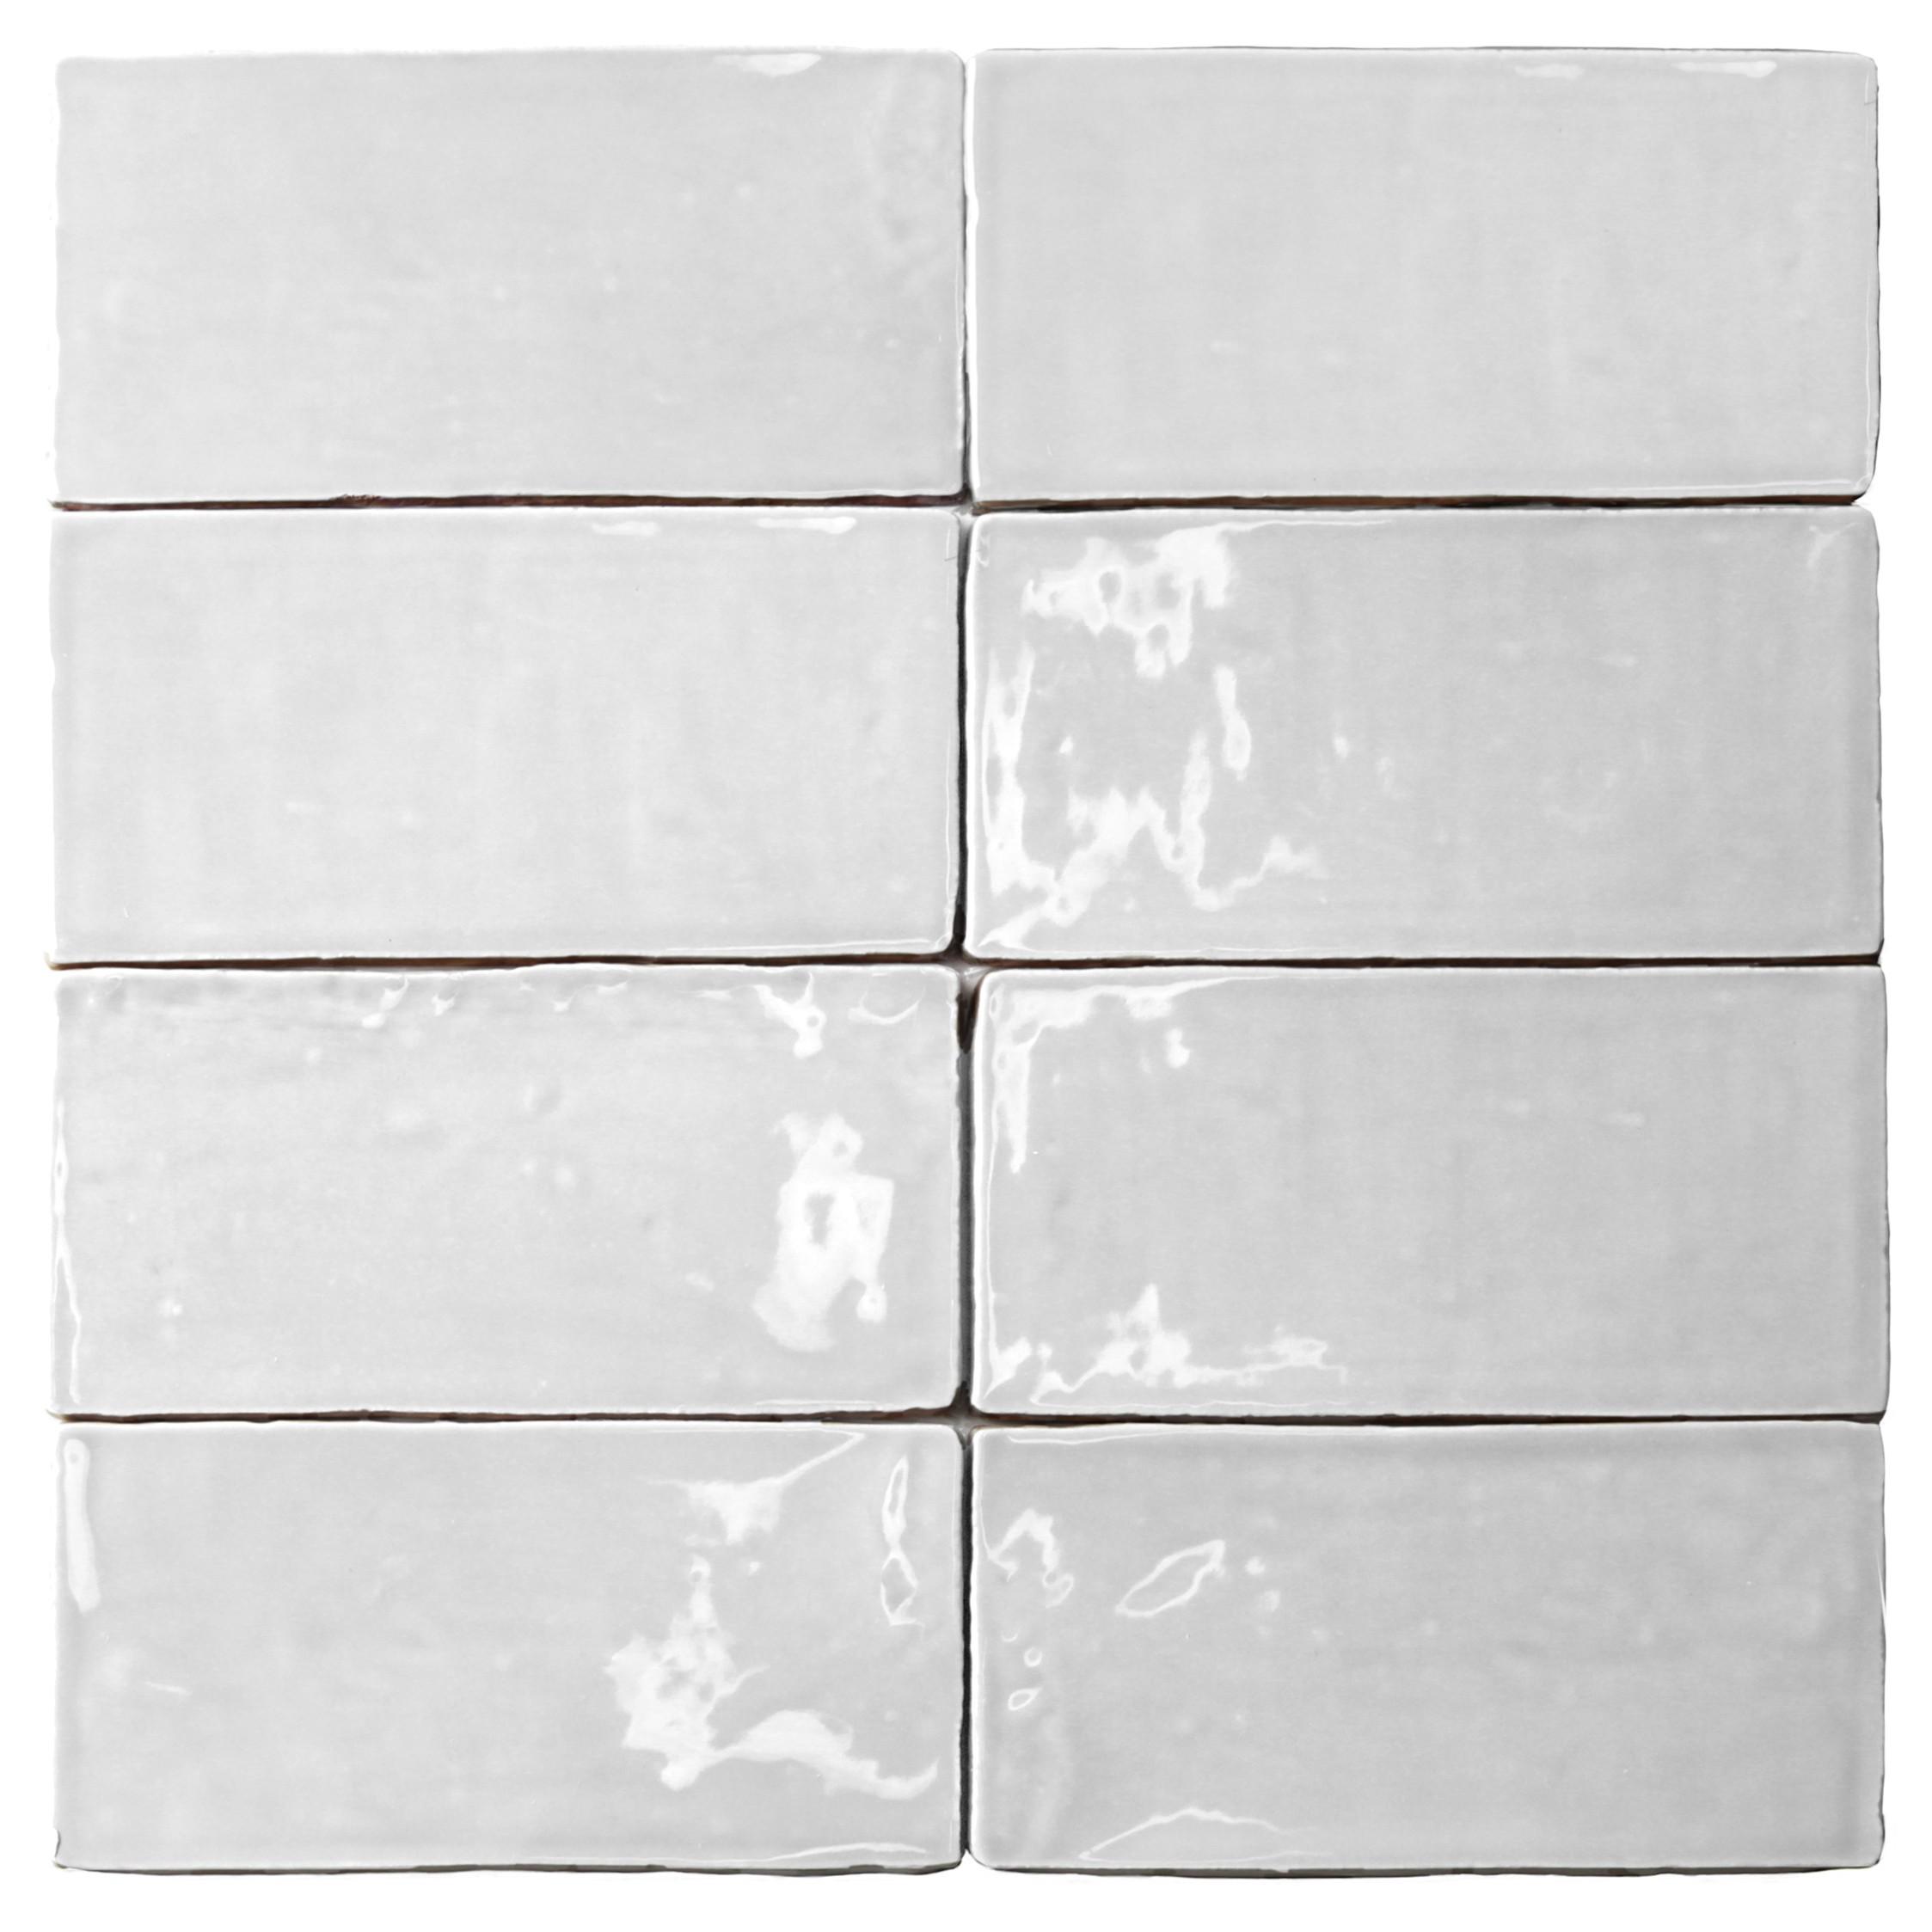 Shop For Lancaster Bianco 3x6 Ceramic Tiles at TileBar.com